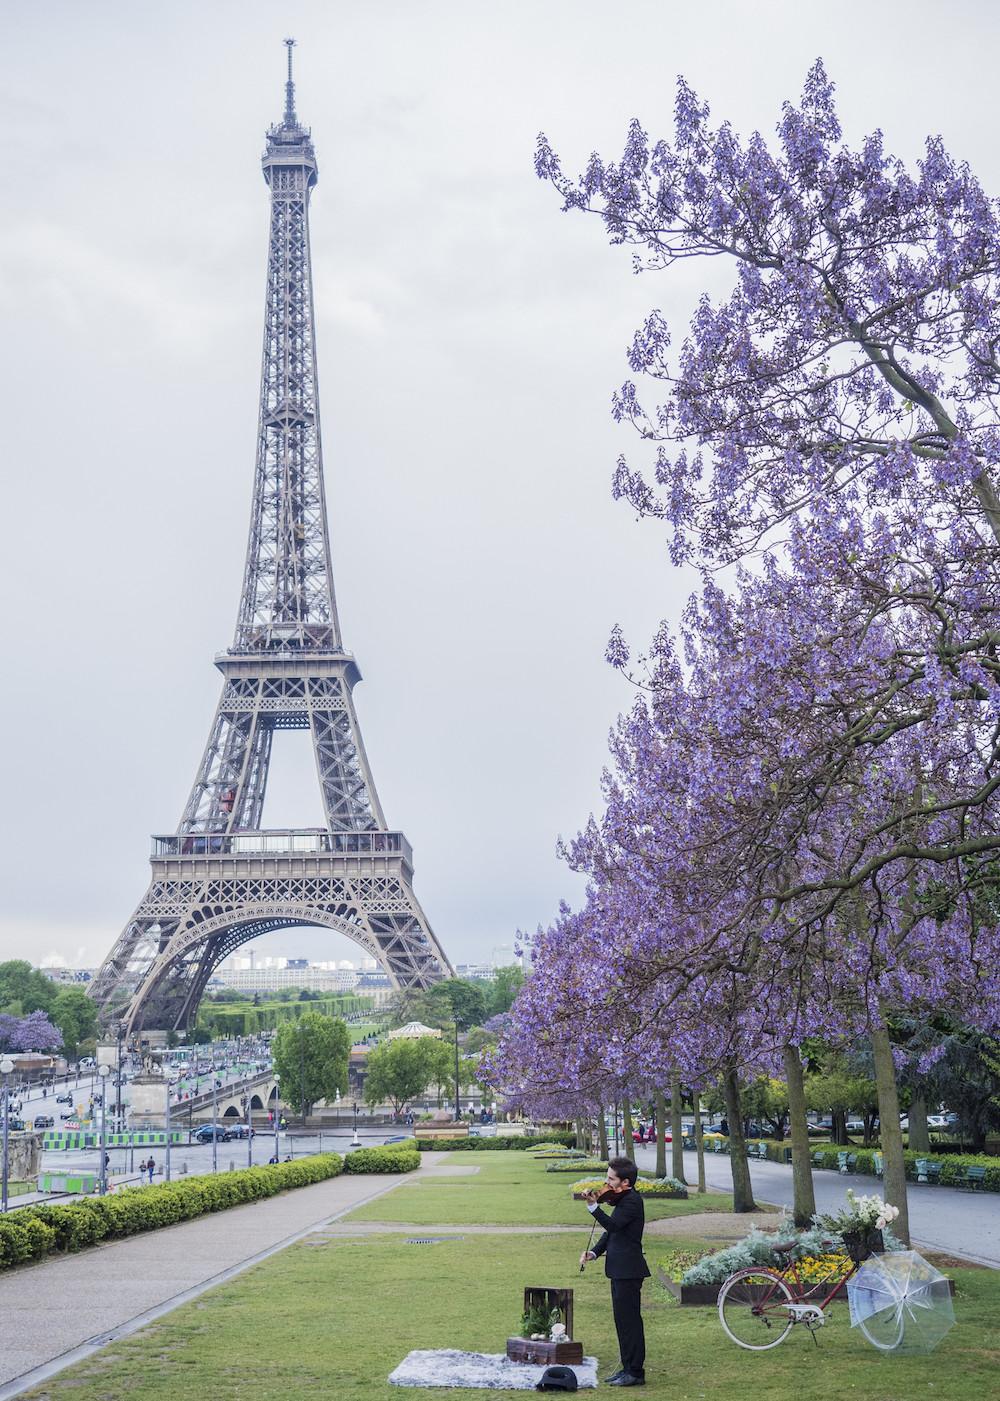 parisian-inspired-blog-mariage-ceremonie-tour-eiffelP4262698.jpg